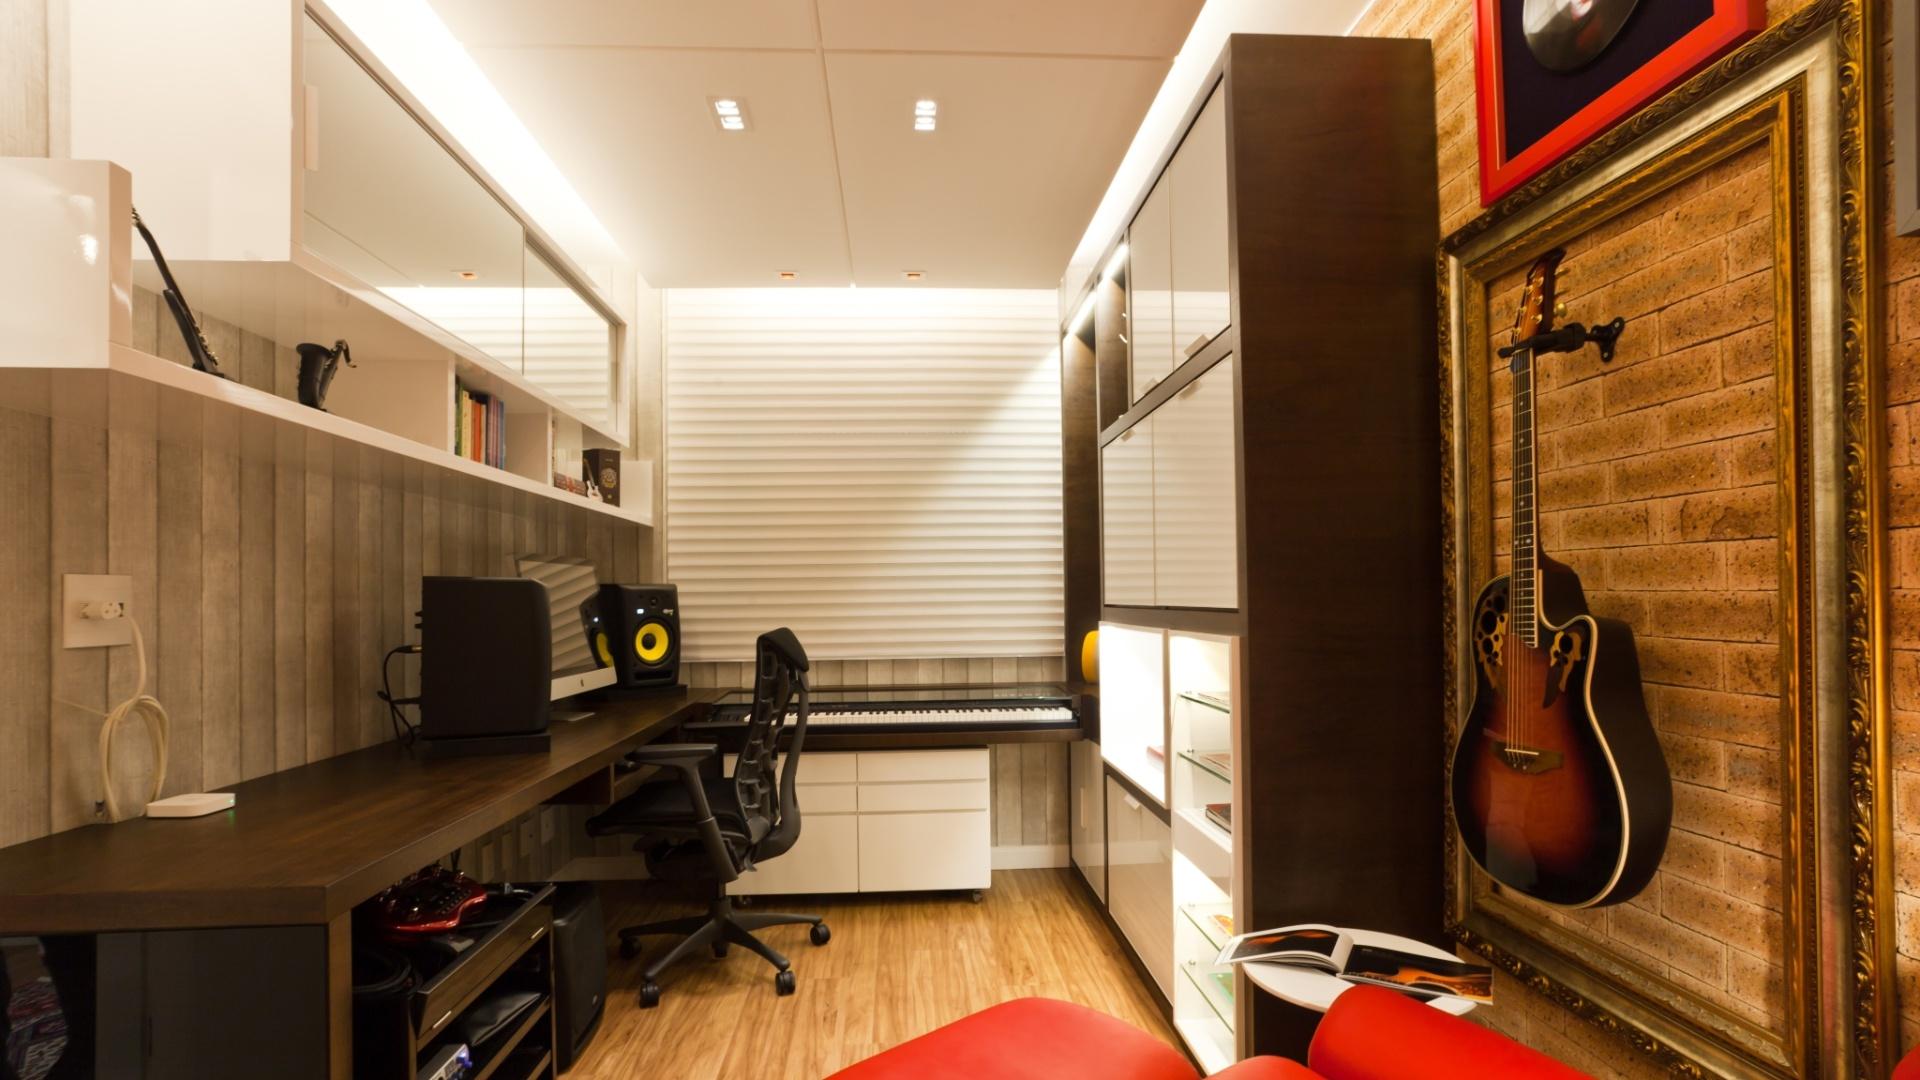 No apartamento projetado pela arquiteta Juliana Pippi, o estúdio de 11 m² ganhou isolamento acústico. A parede revestida de tijolo inglês, a persiana em tecido, o gesso rebaixado no teto e o revestimento interno em lã de rocha ajudam a impedir que o som incomode os vizinhos ou vaze para os outros cômodos. O papel de parede remete ao concreto e é outro diferencial da decoração